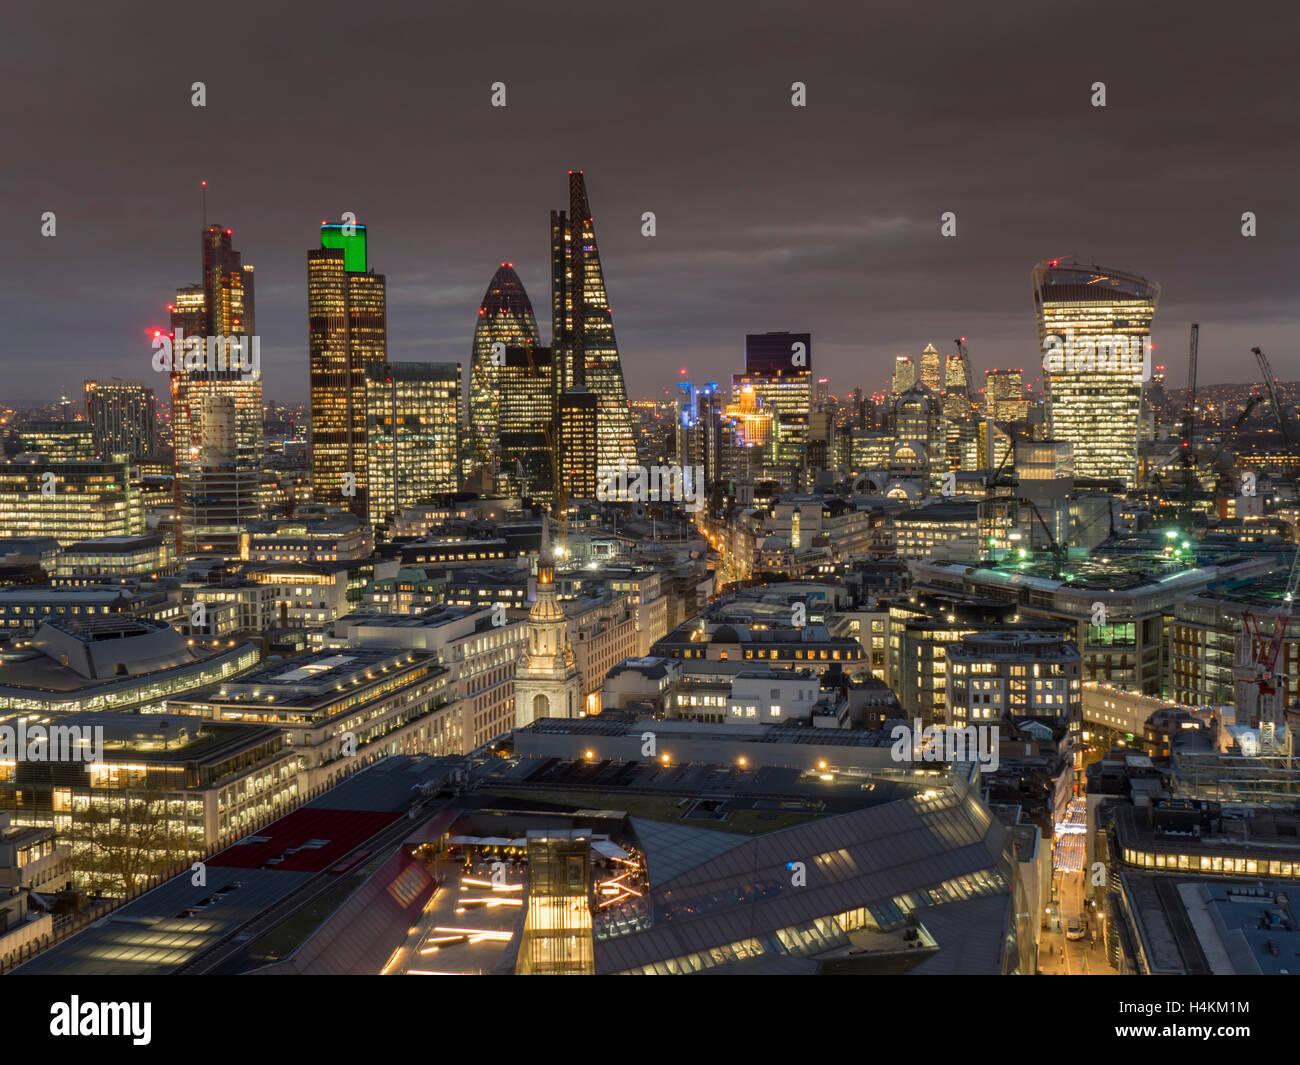 UK, England, London, City cityscape dusk - Stock Image